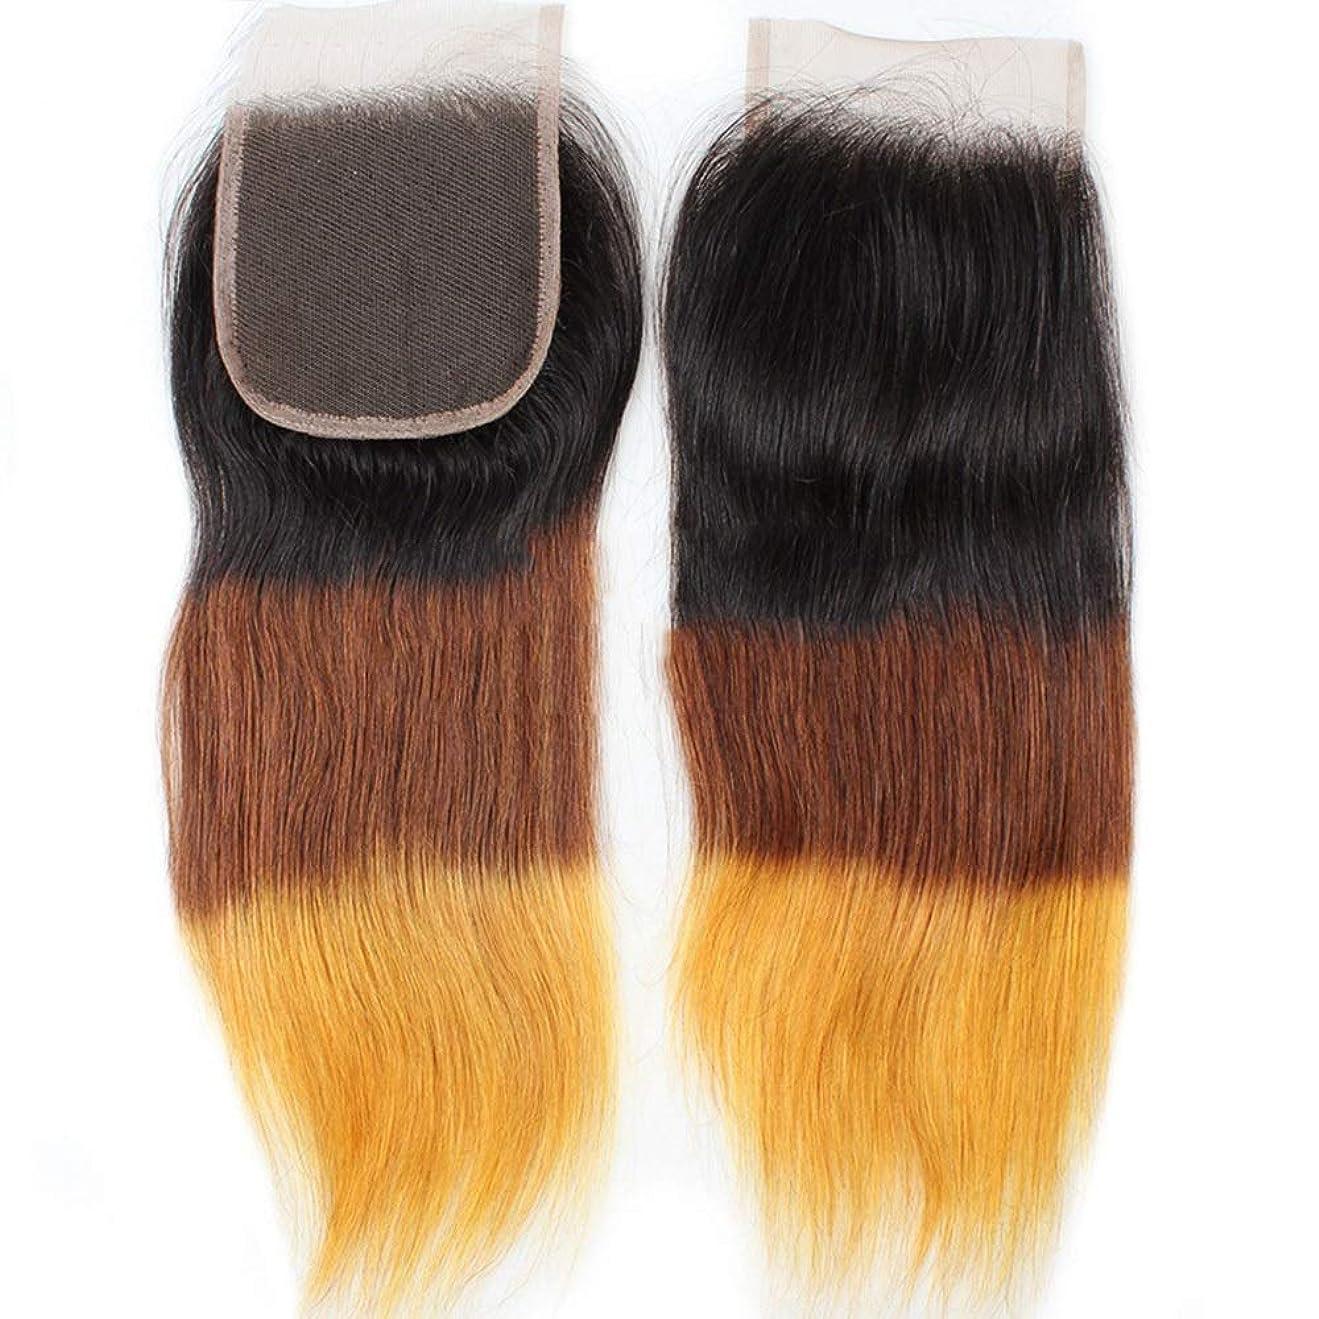 日付付きドット磁気Yrattary 4×4レース前頭閉鎖無料部分耳から耳9Aブラジルストレートヘアグラデーションカラー人間の髪の毛の合成髪レースかつらロールプレイングウィッグロングとショートの女性自然 (色 : ブラウン, サイズ : 18 inch)